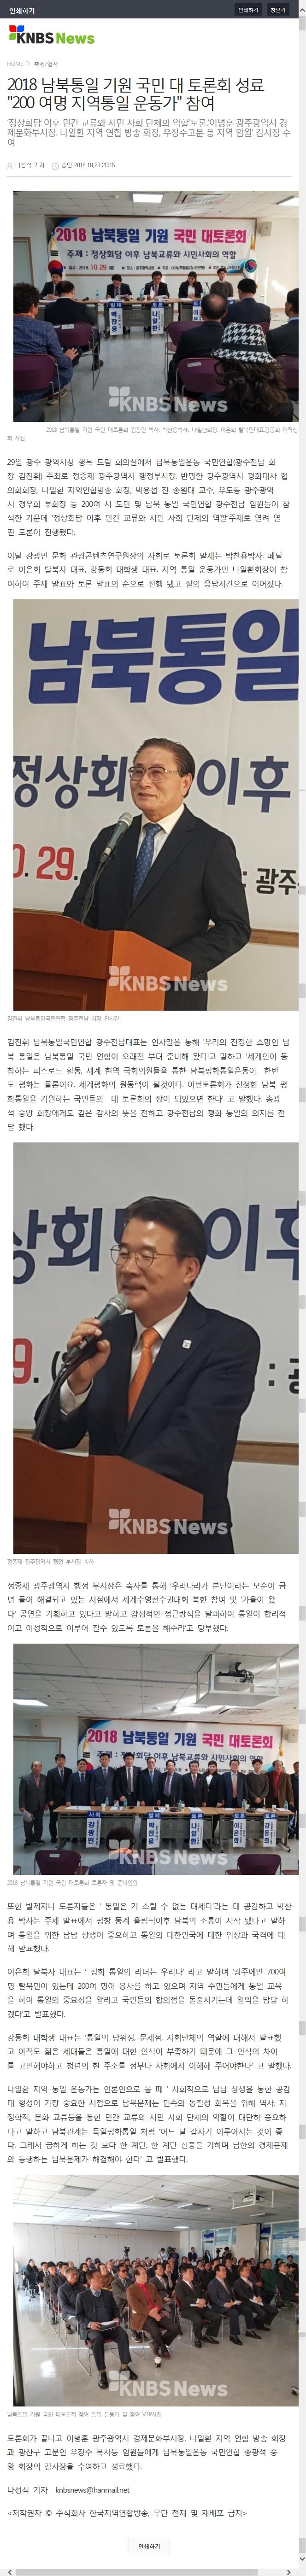 [KNBS]2018 남북통일 기원 국민 대 토론회 성료 200 여명 지역통일 운동가 참여.jpg